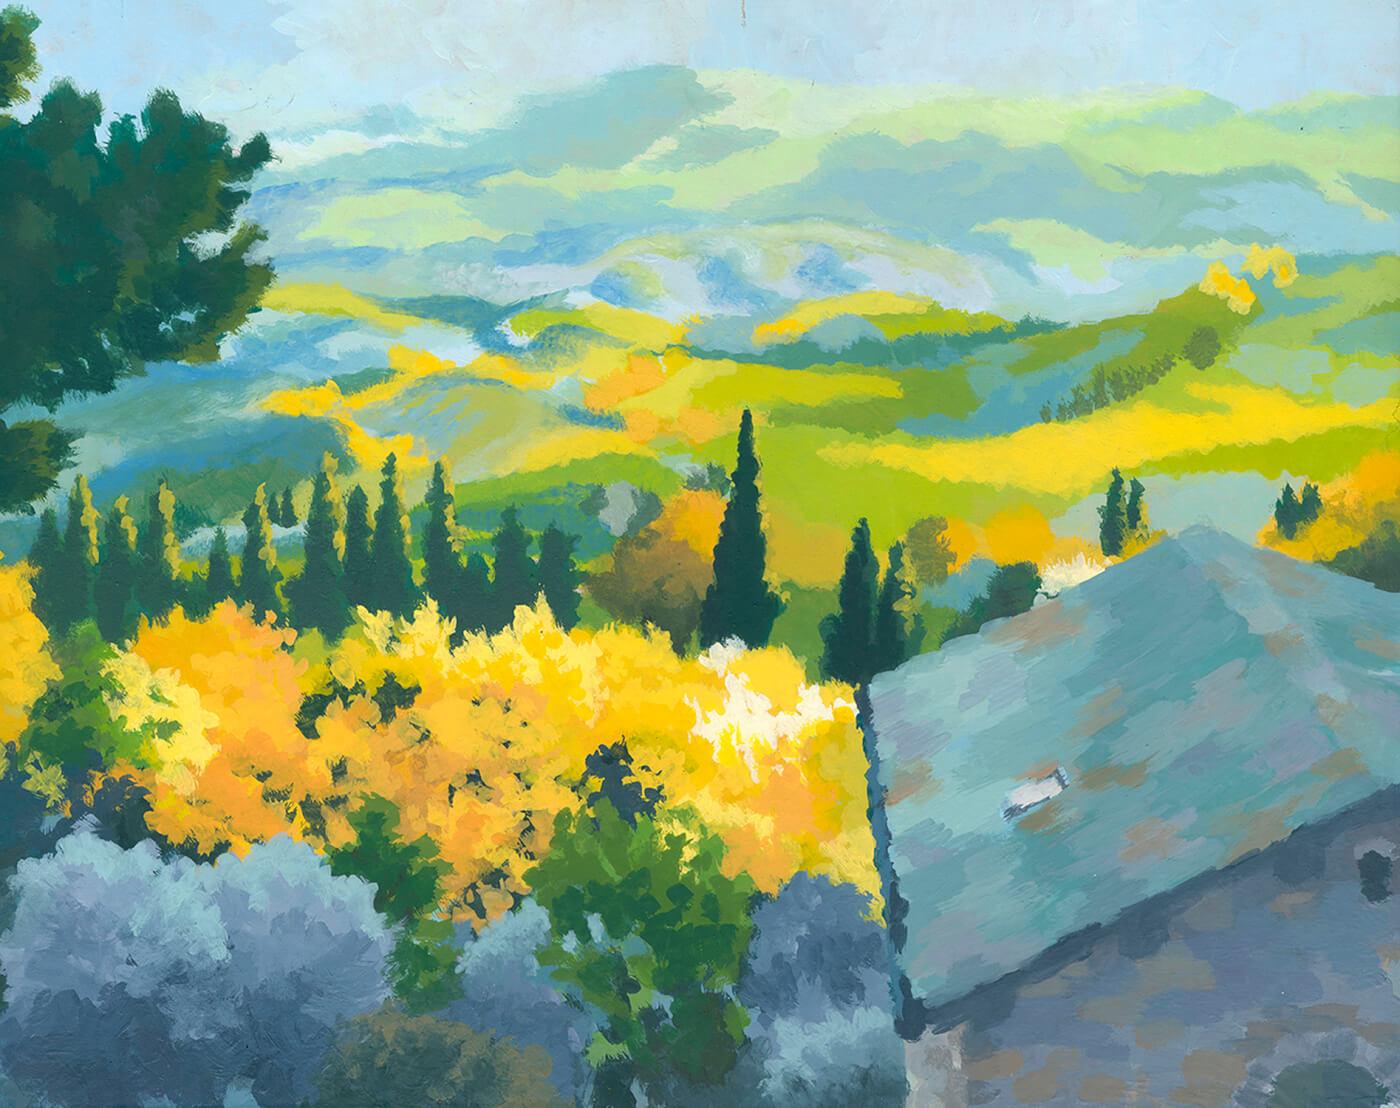 Toskana, Farb-Luft-Perspektive, fleckhaft, Bonnard, Vuillard, Malerei